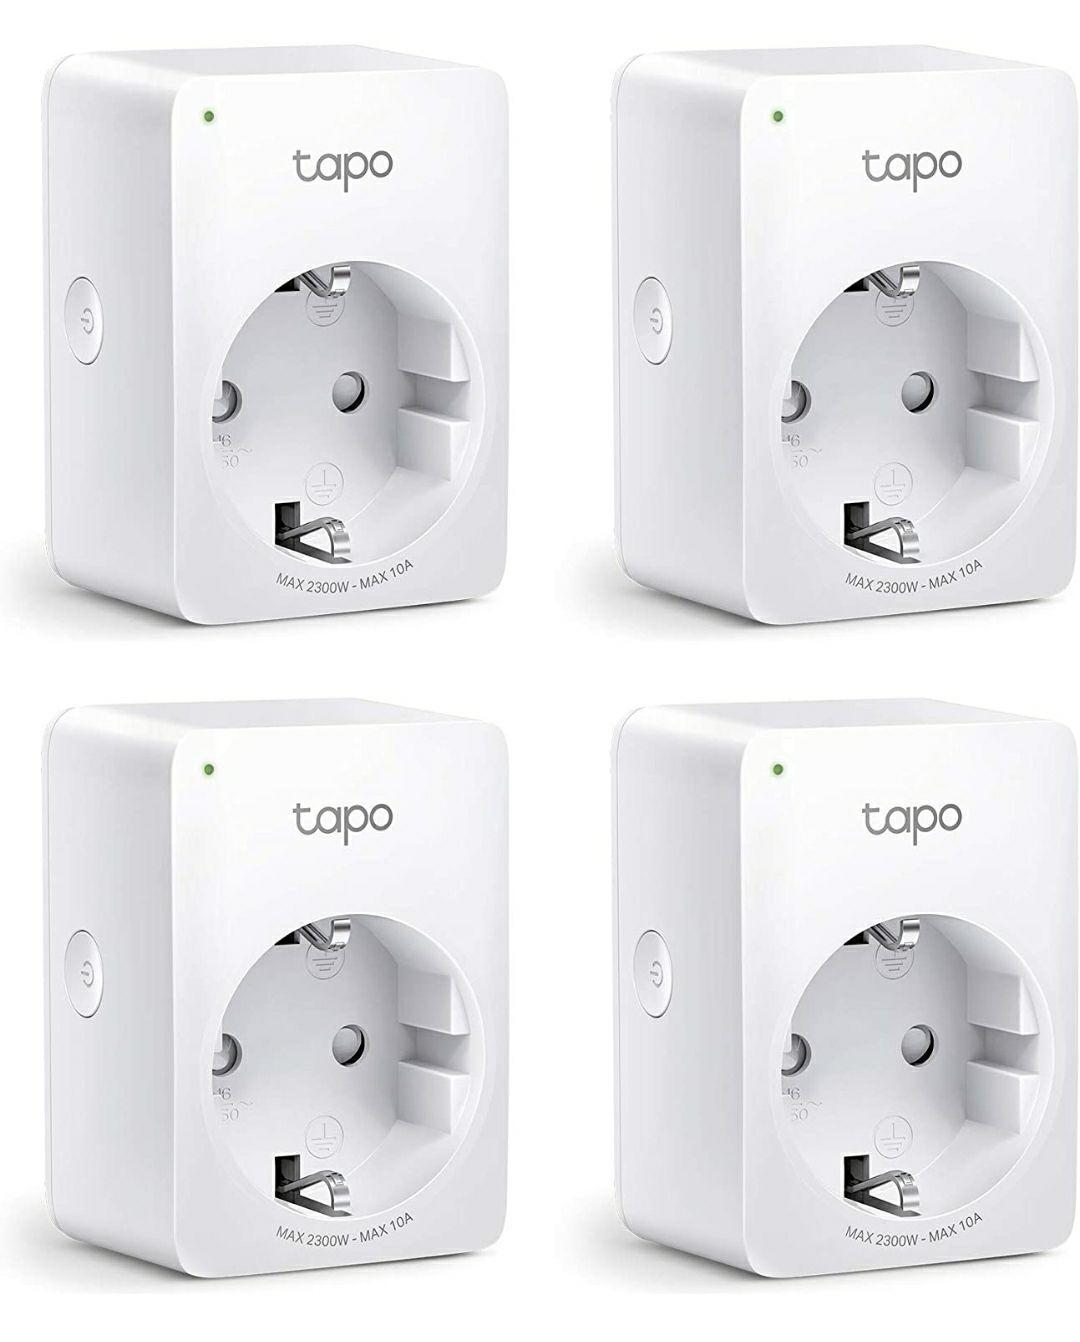 Tapo P100 smartplug